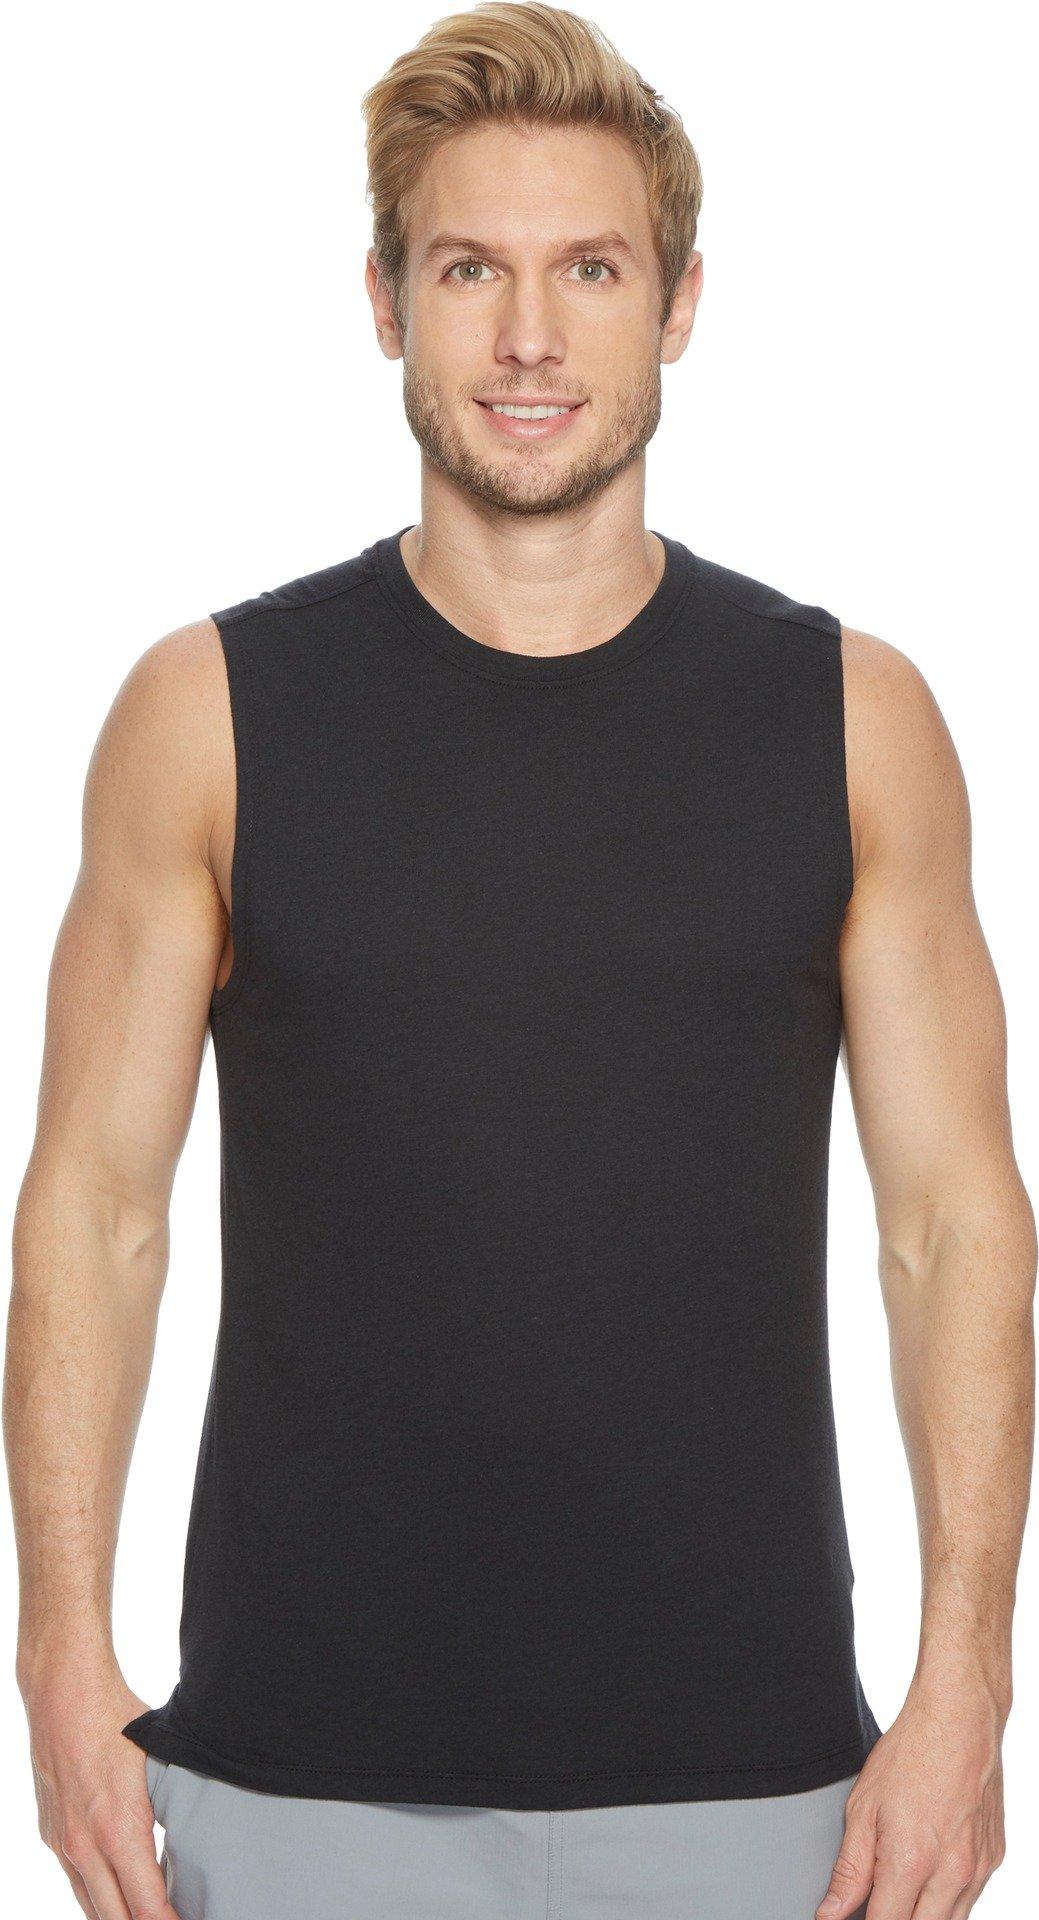 ASICS Men' Muscle Tank, Performance Black, Large